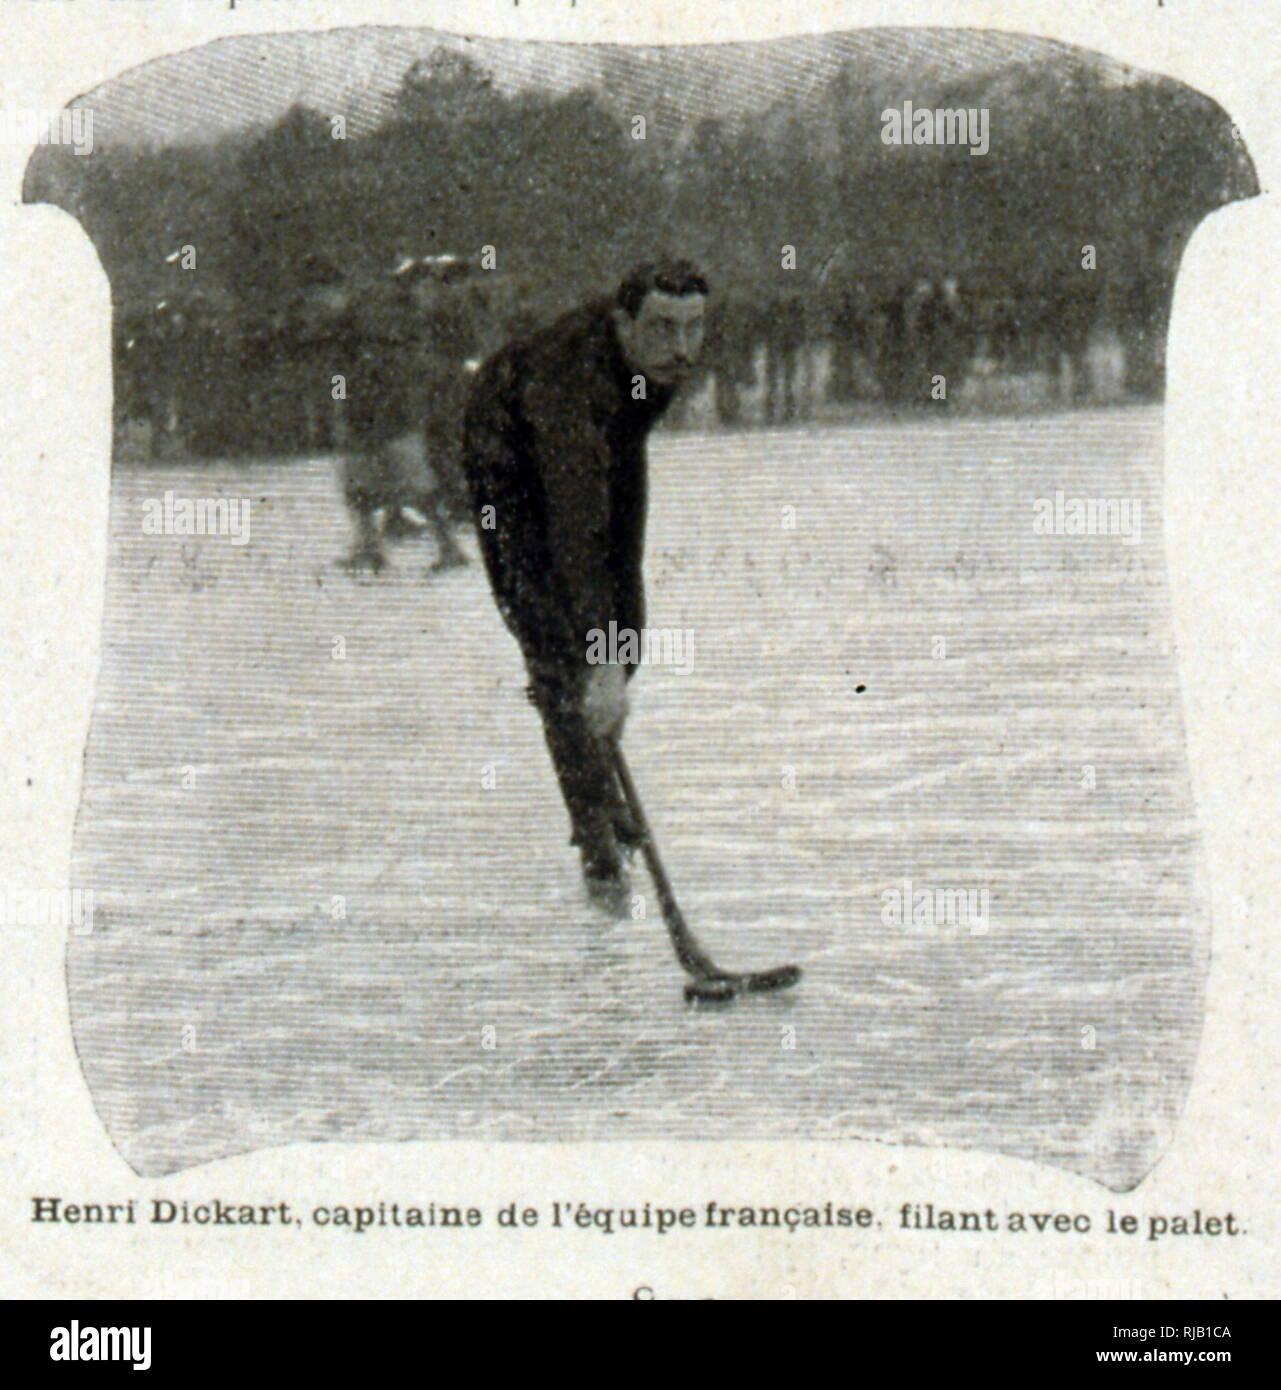 Champion cycliste français Henri Couturier, connu comme Dickard comme capitaine de Hockey sur glace 1902. Le 14 décembre 1902, un match a été organisé par club des patineurs sur le lac Enghien en collaboration avec le journal L'Auto-Velo et acteurs du HPC. Un dégel annulé le match, mais cinq jours plus tard, le capitaine du HCP, ancien champion cycliste français Henri Couturier, connu comme Dickard, a demandé au club être fusionné avec Club des patineurs. Photo Stock